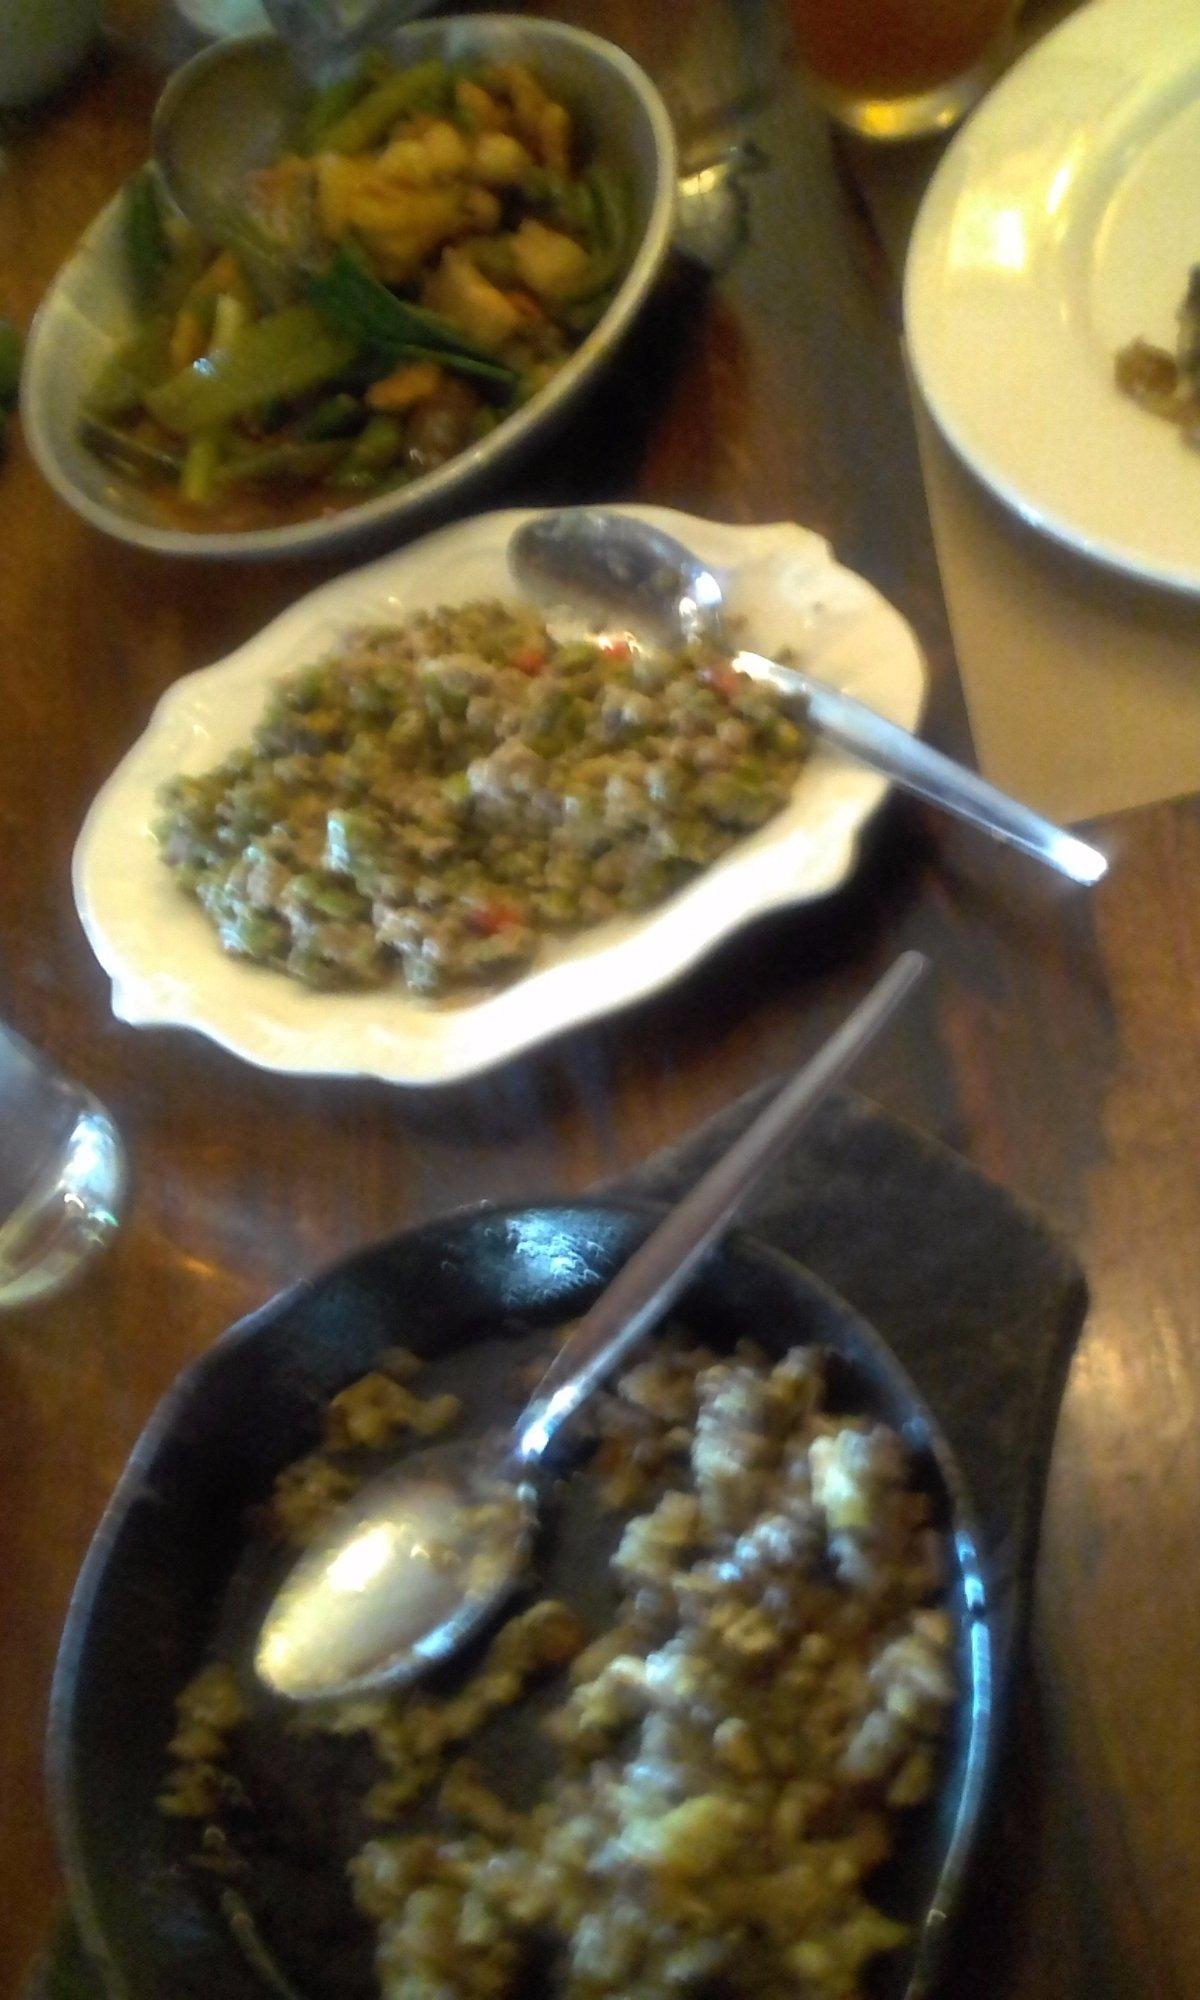 matutina's and gerry's seafood house, dagupan - tondaligan rd